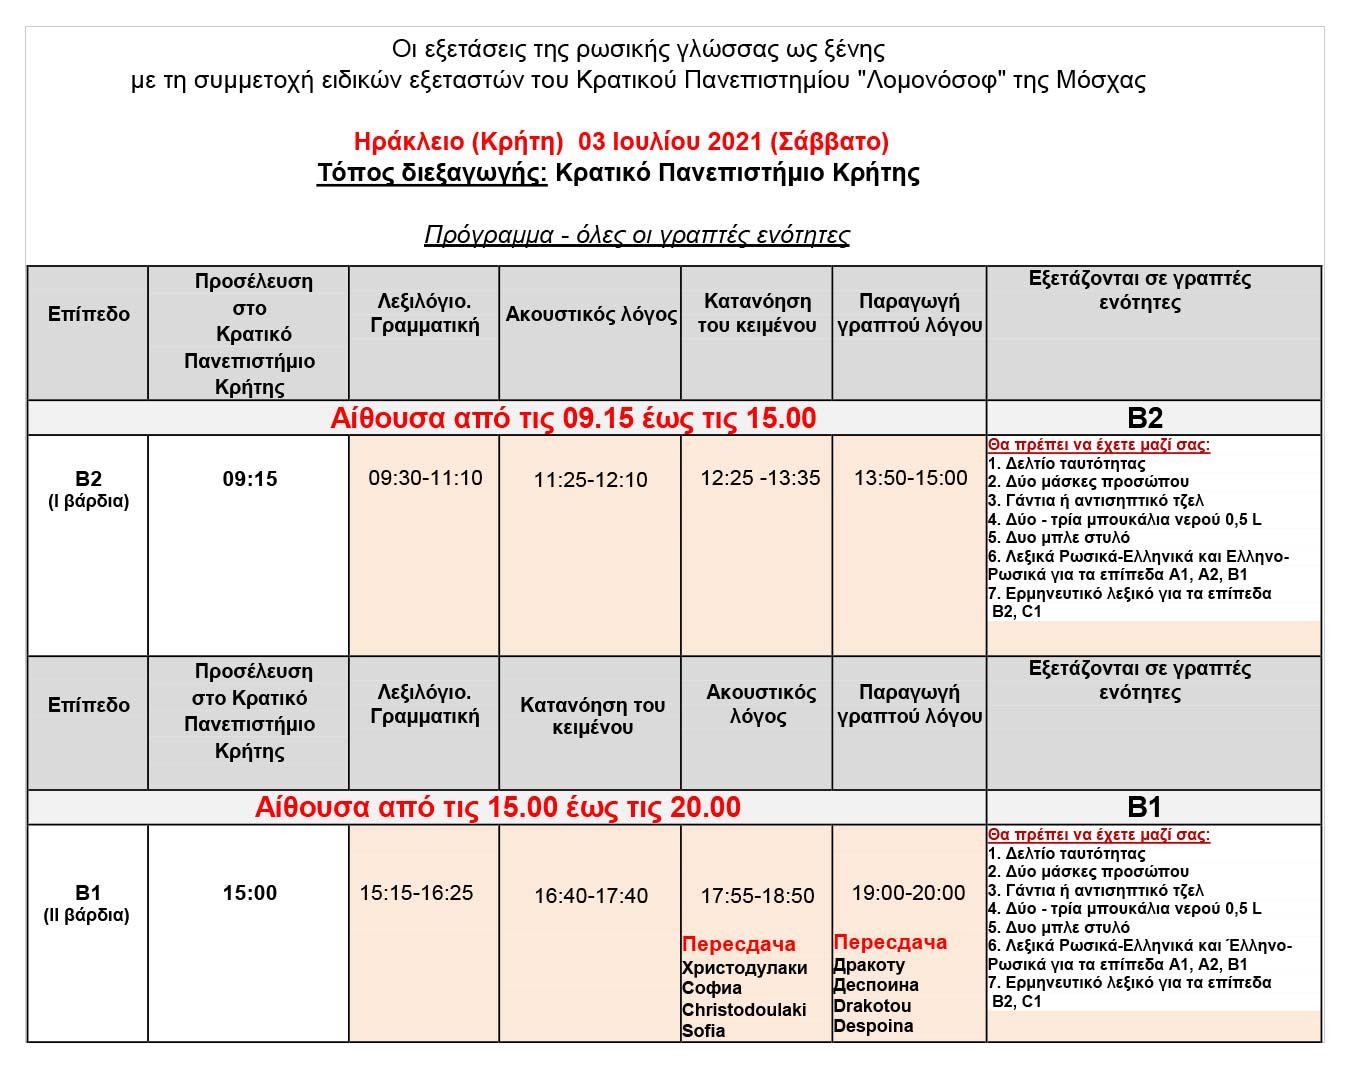 Εξετάσεις ΡΕξετάσεις Λομονοσόφ Ρωσικής γλώσσας Ηράκλειο Ιούλιος 2021ωσικής γλώσσας Λομονοσόφ Ηράκλειο Ιούλιος 2021